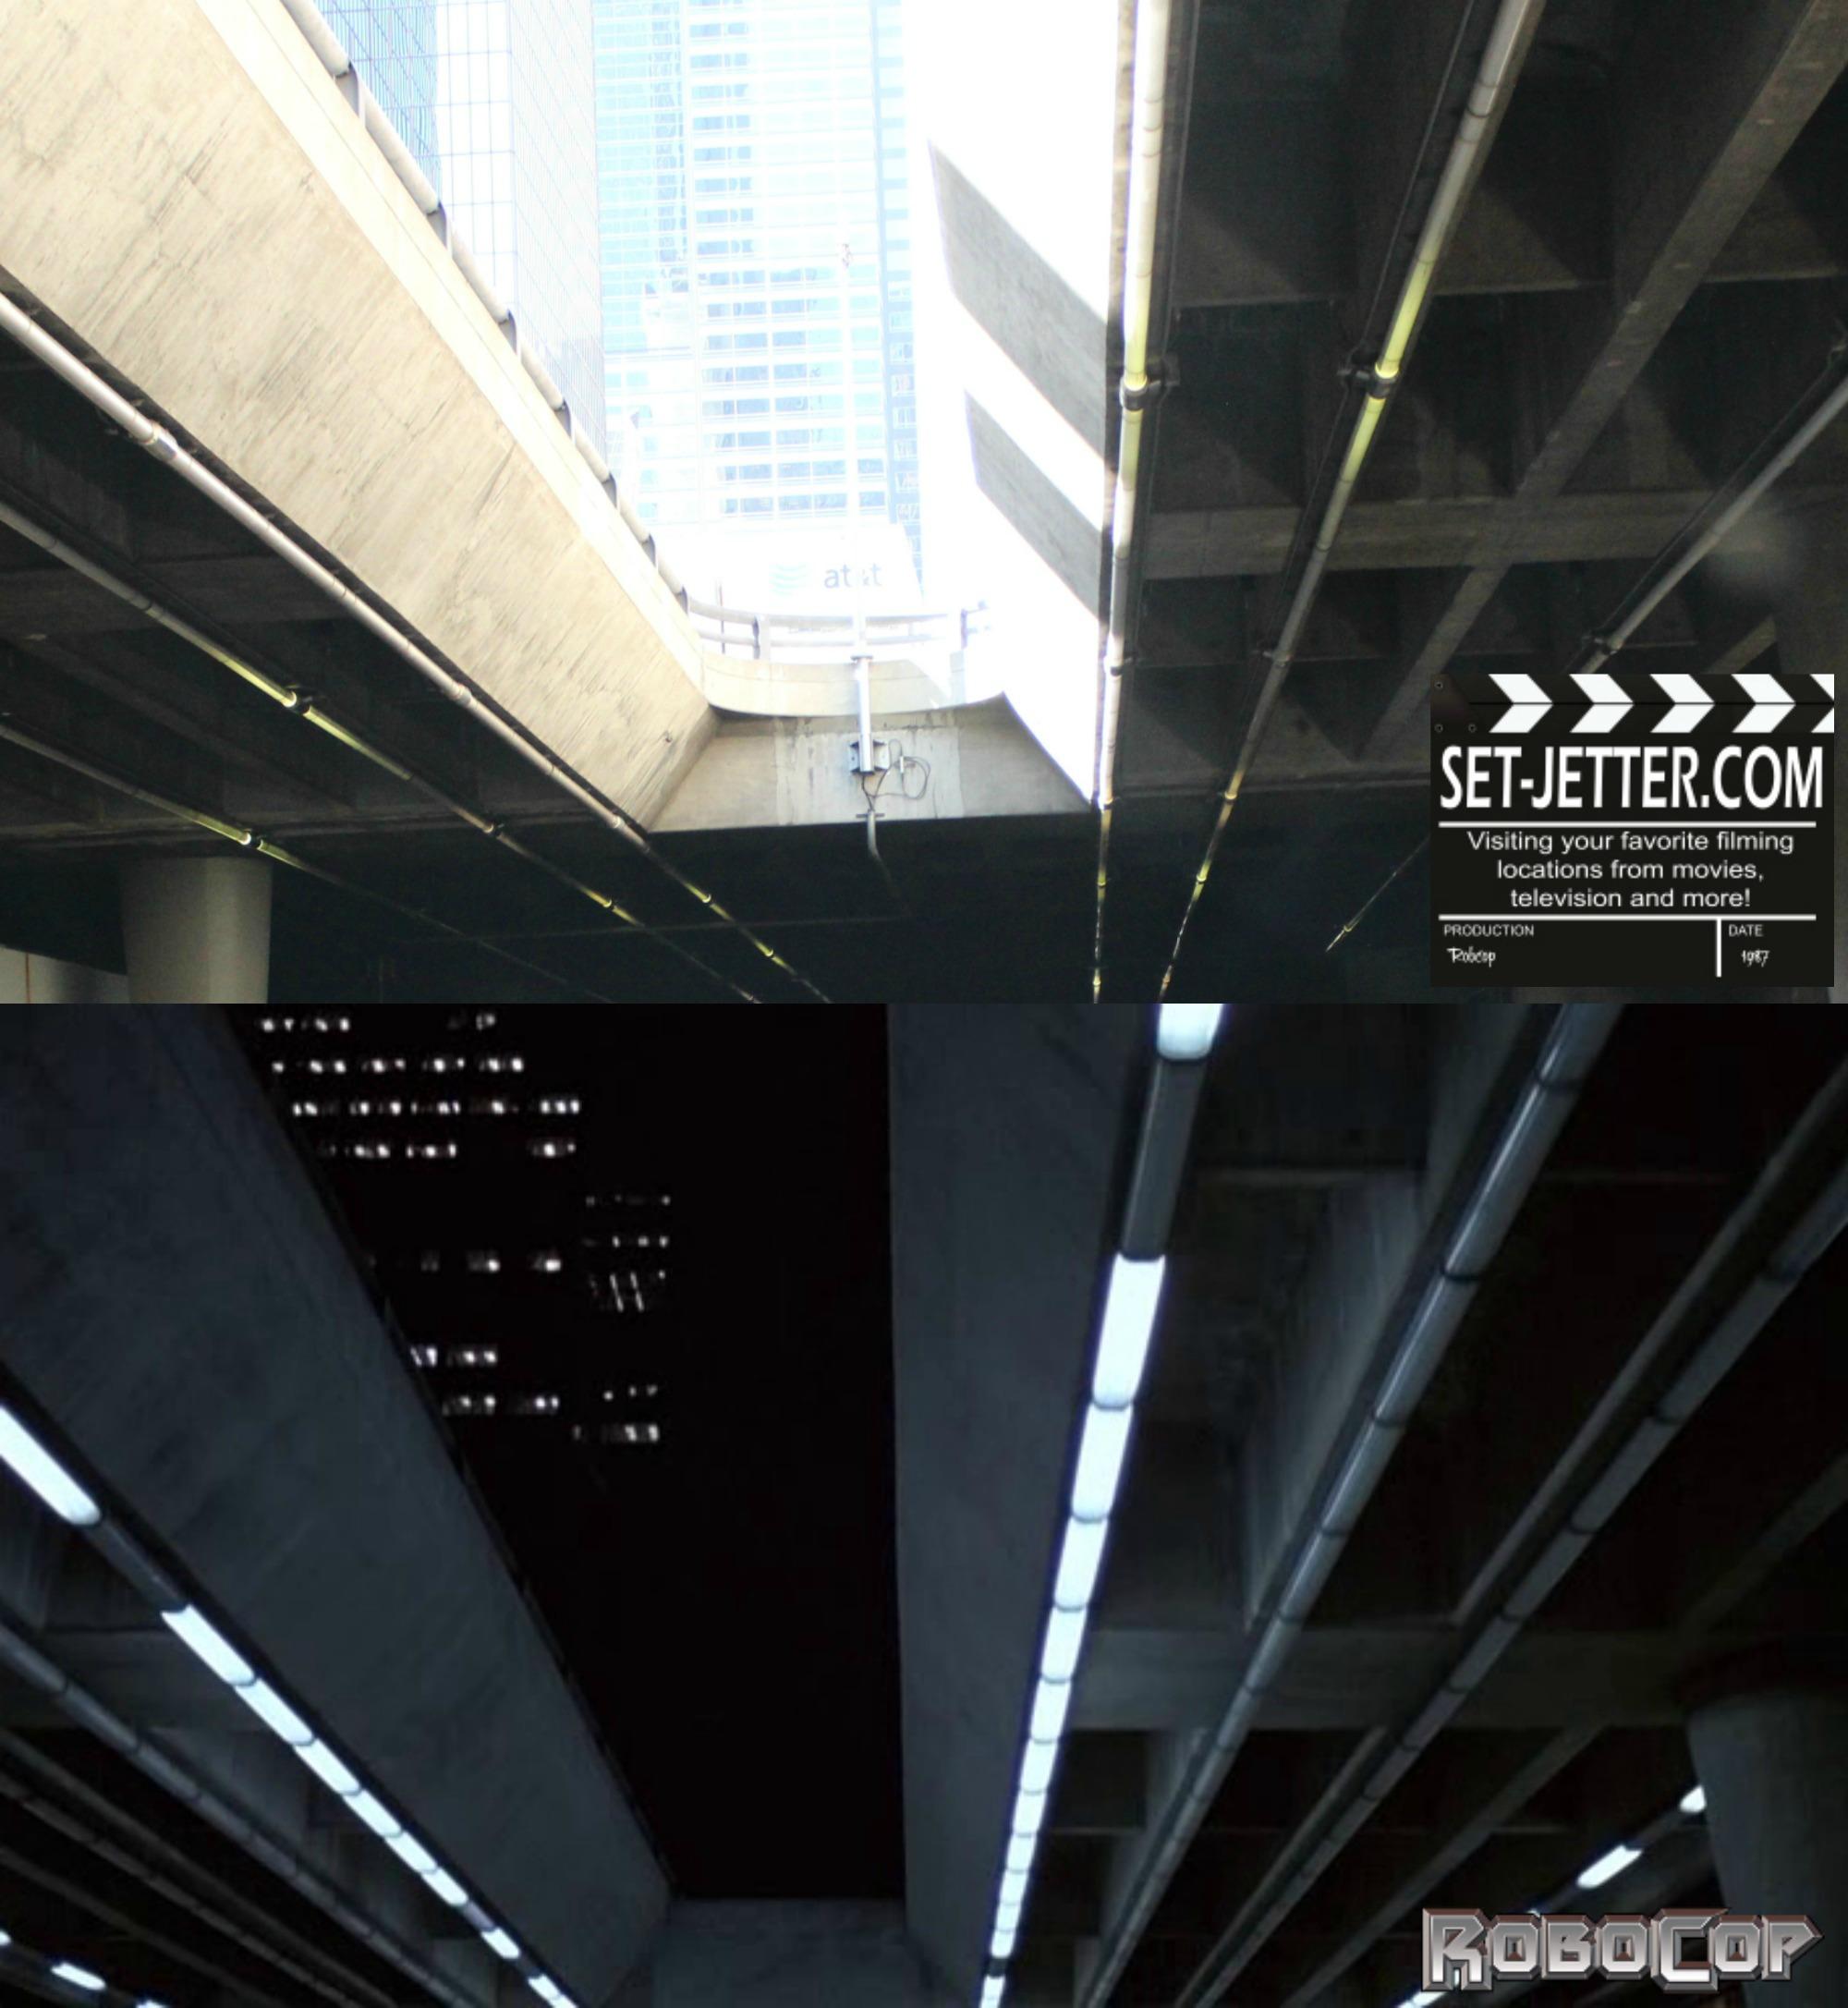 Robocop comparison 184.jpg